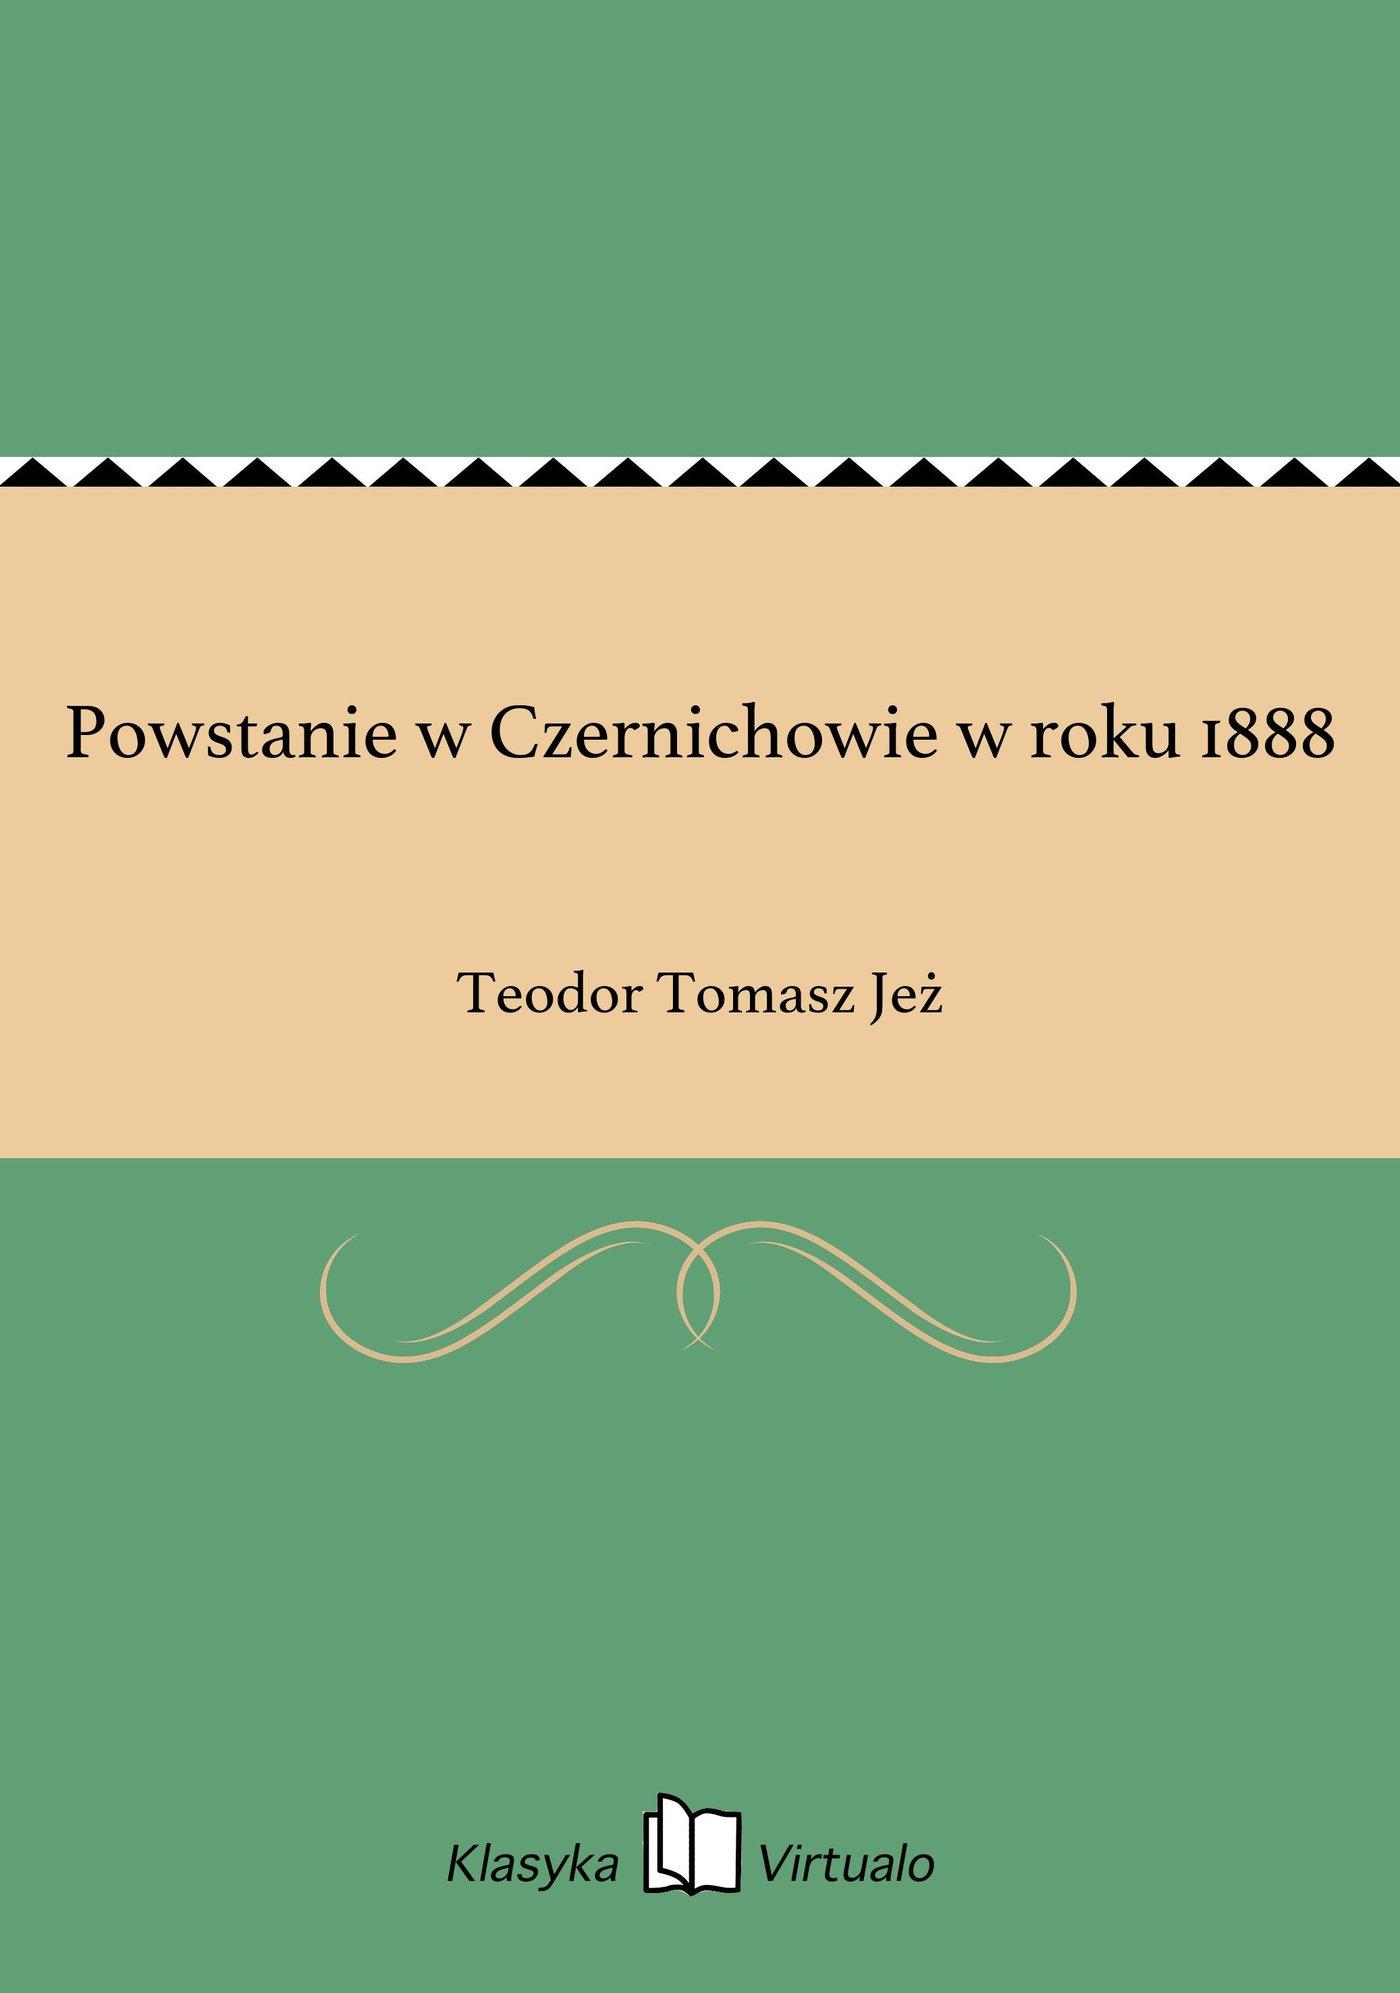 Powstanie w Czernichowie w roku 1888 - Ebook (Książka EPUB) do pobrania w formacie EPUB